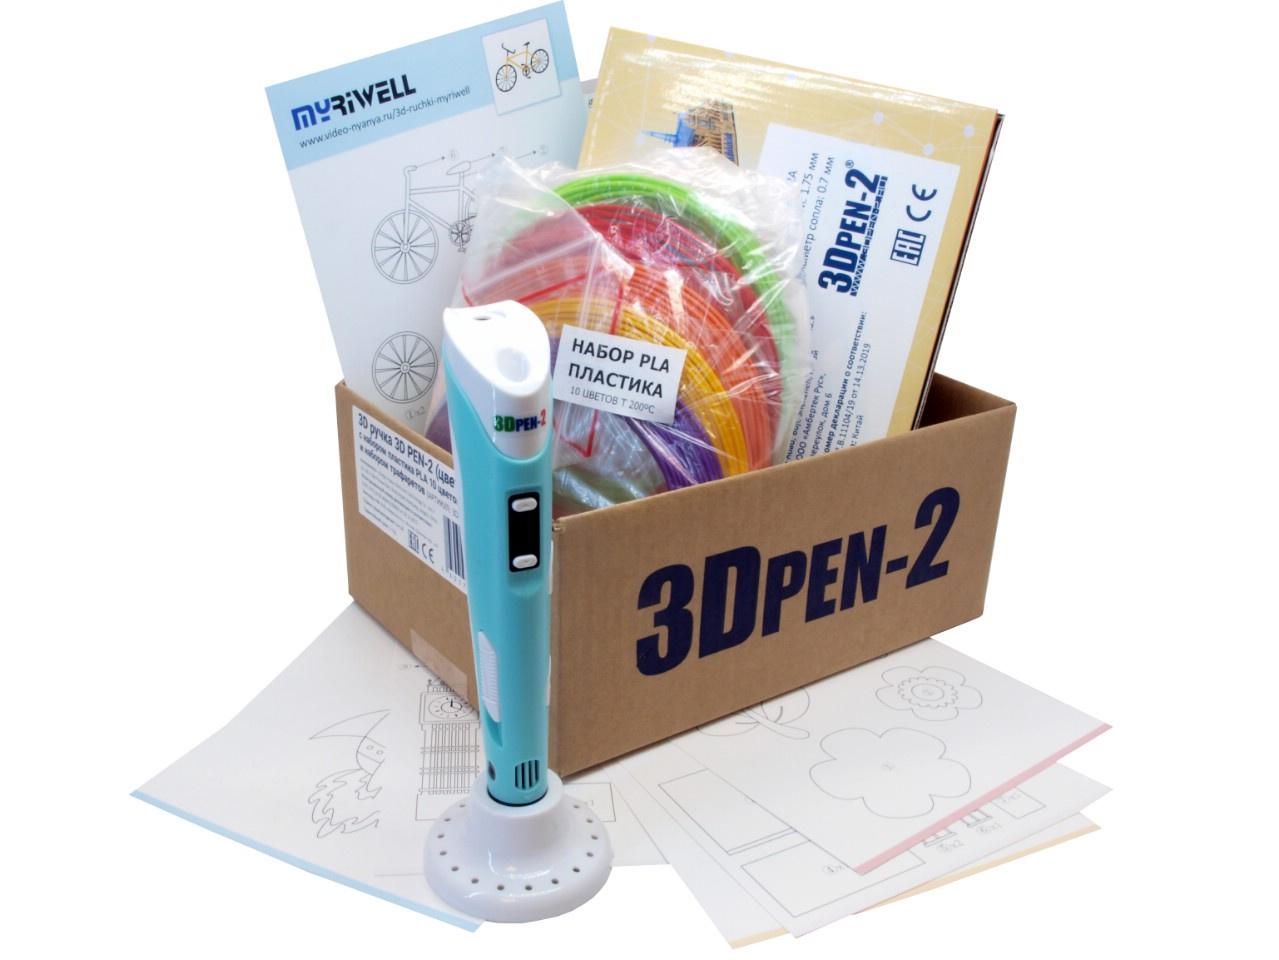 3D ручка 3DPEN-2 (цвет: голубой) с набором пластика PLA 10 цветов по 10 метров и набором трафаретов для 3D ручек